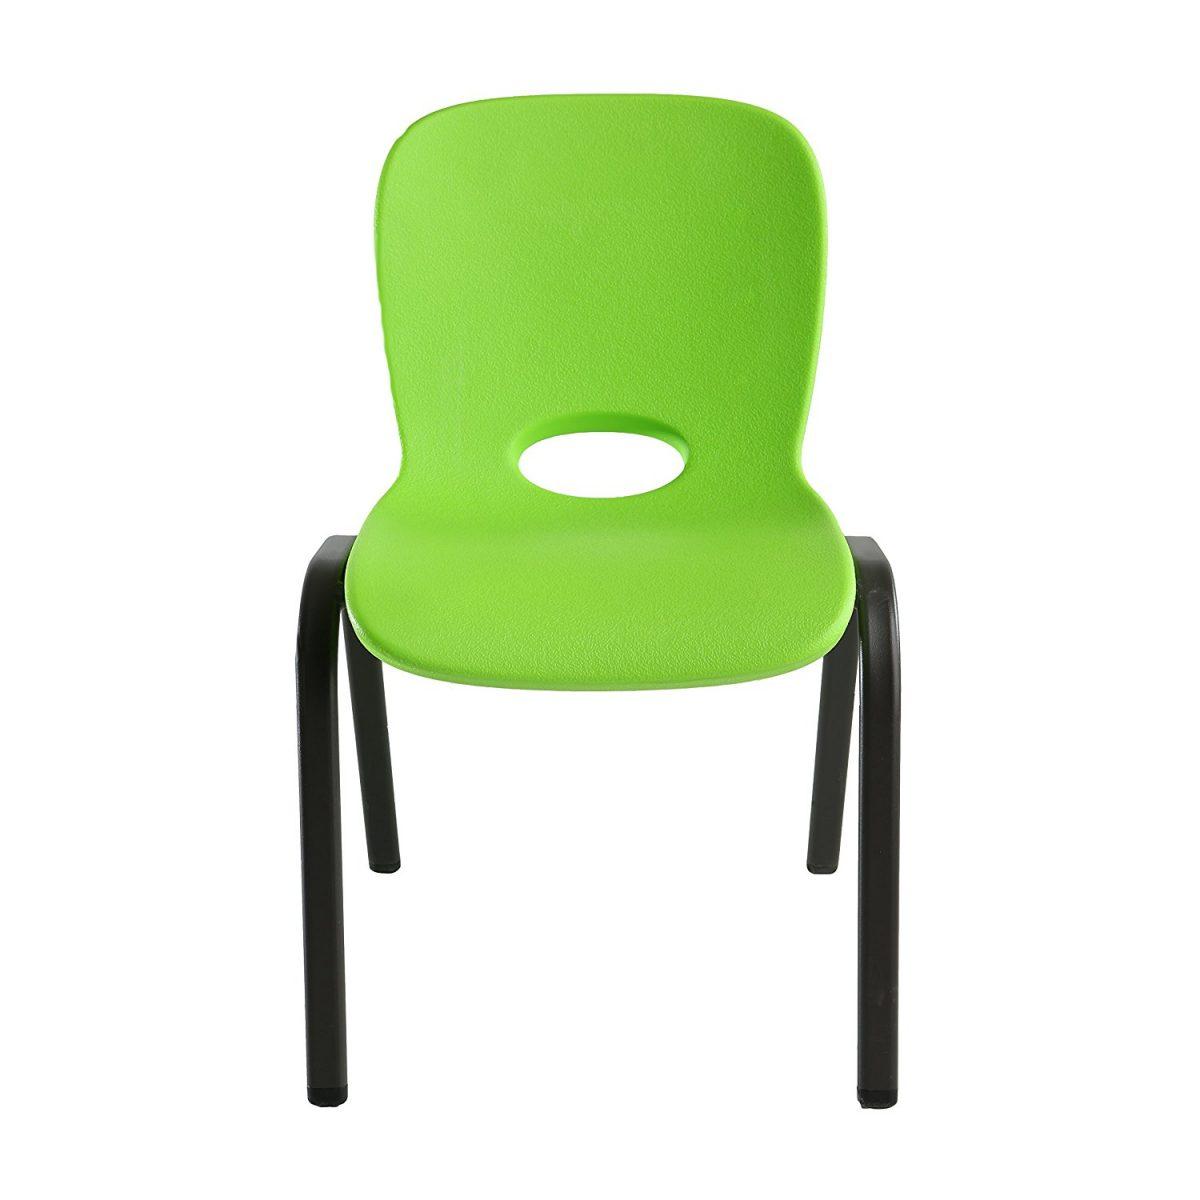 Med najbolj priljubljenimi so otroški stoli in zložljivi stoli